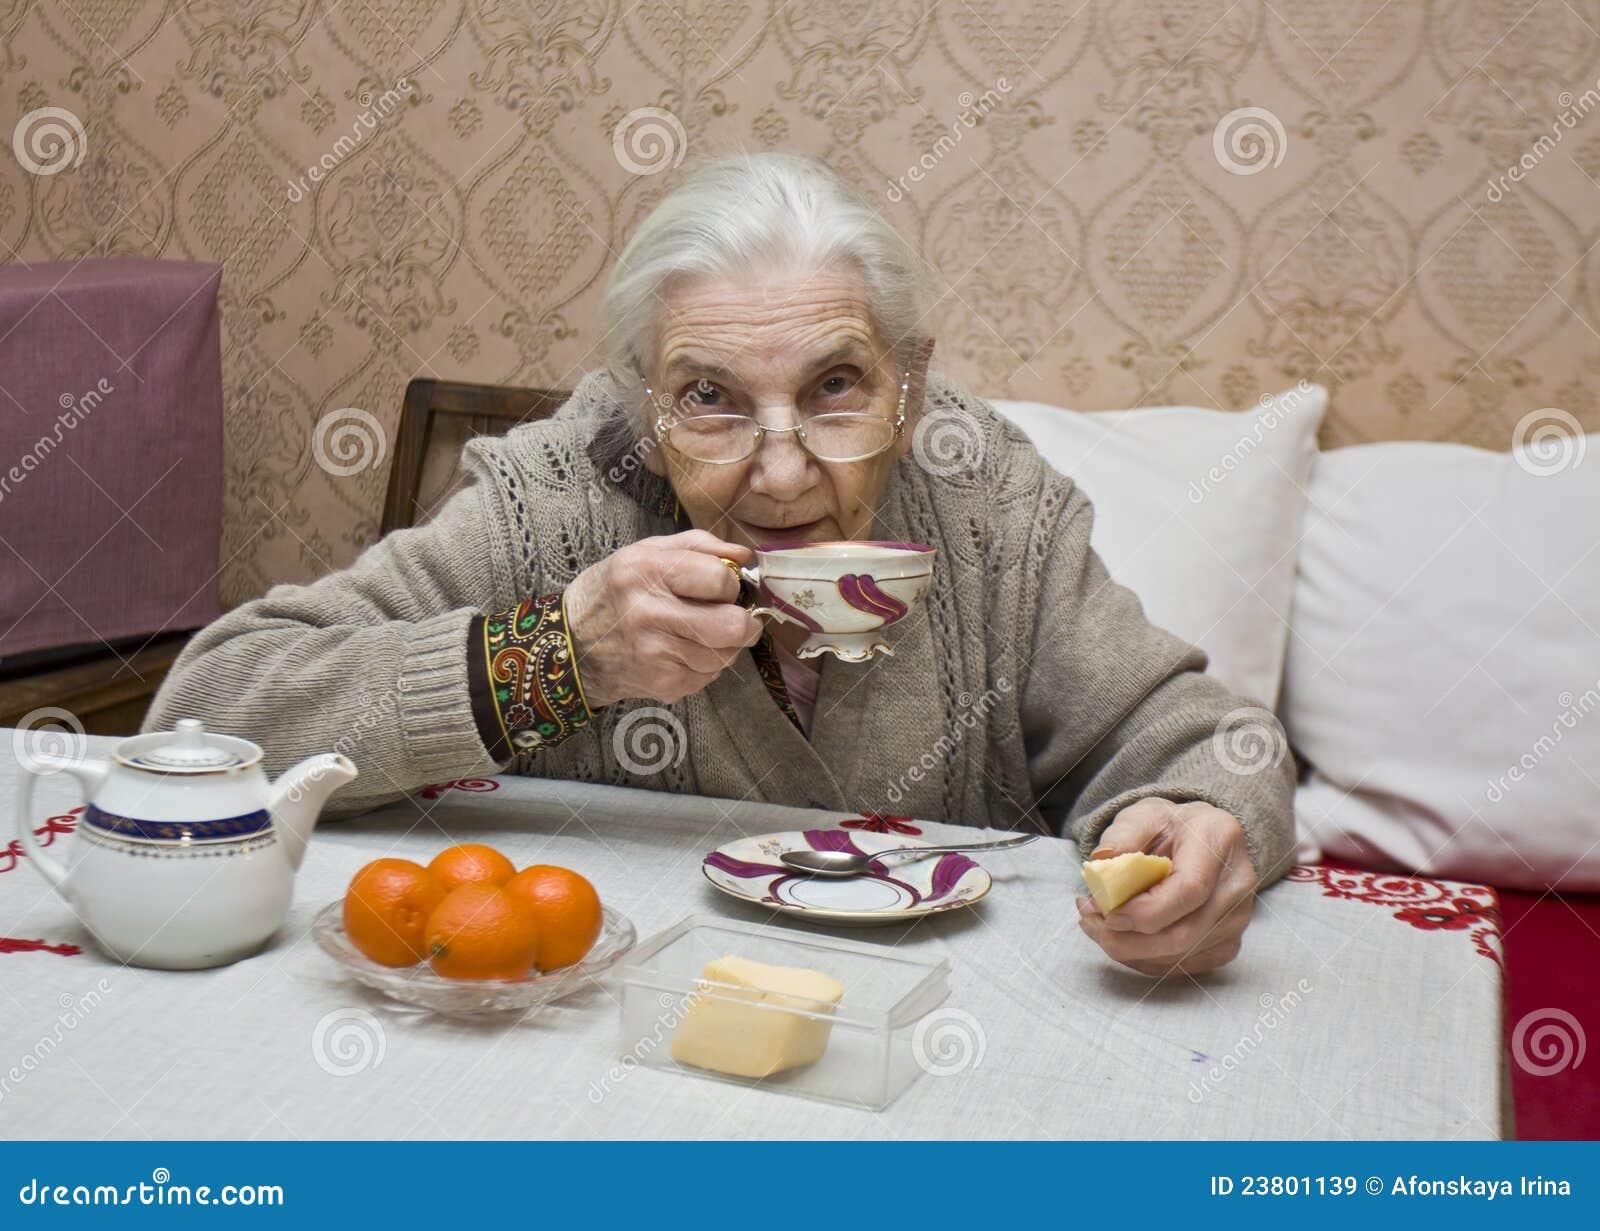 Фото пожилых женщин пол 21 фотография